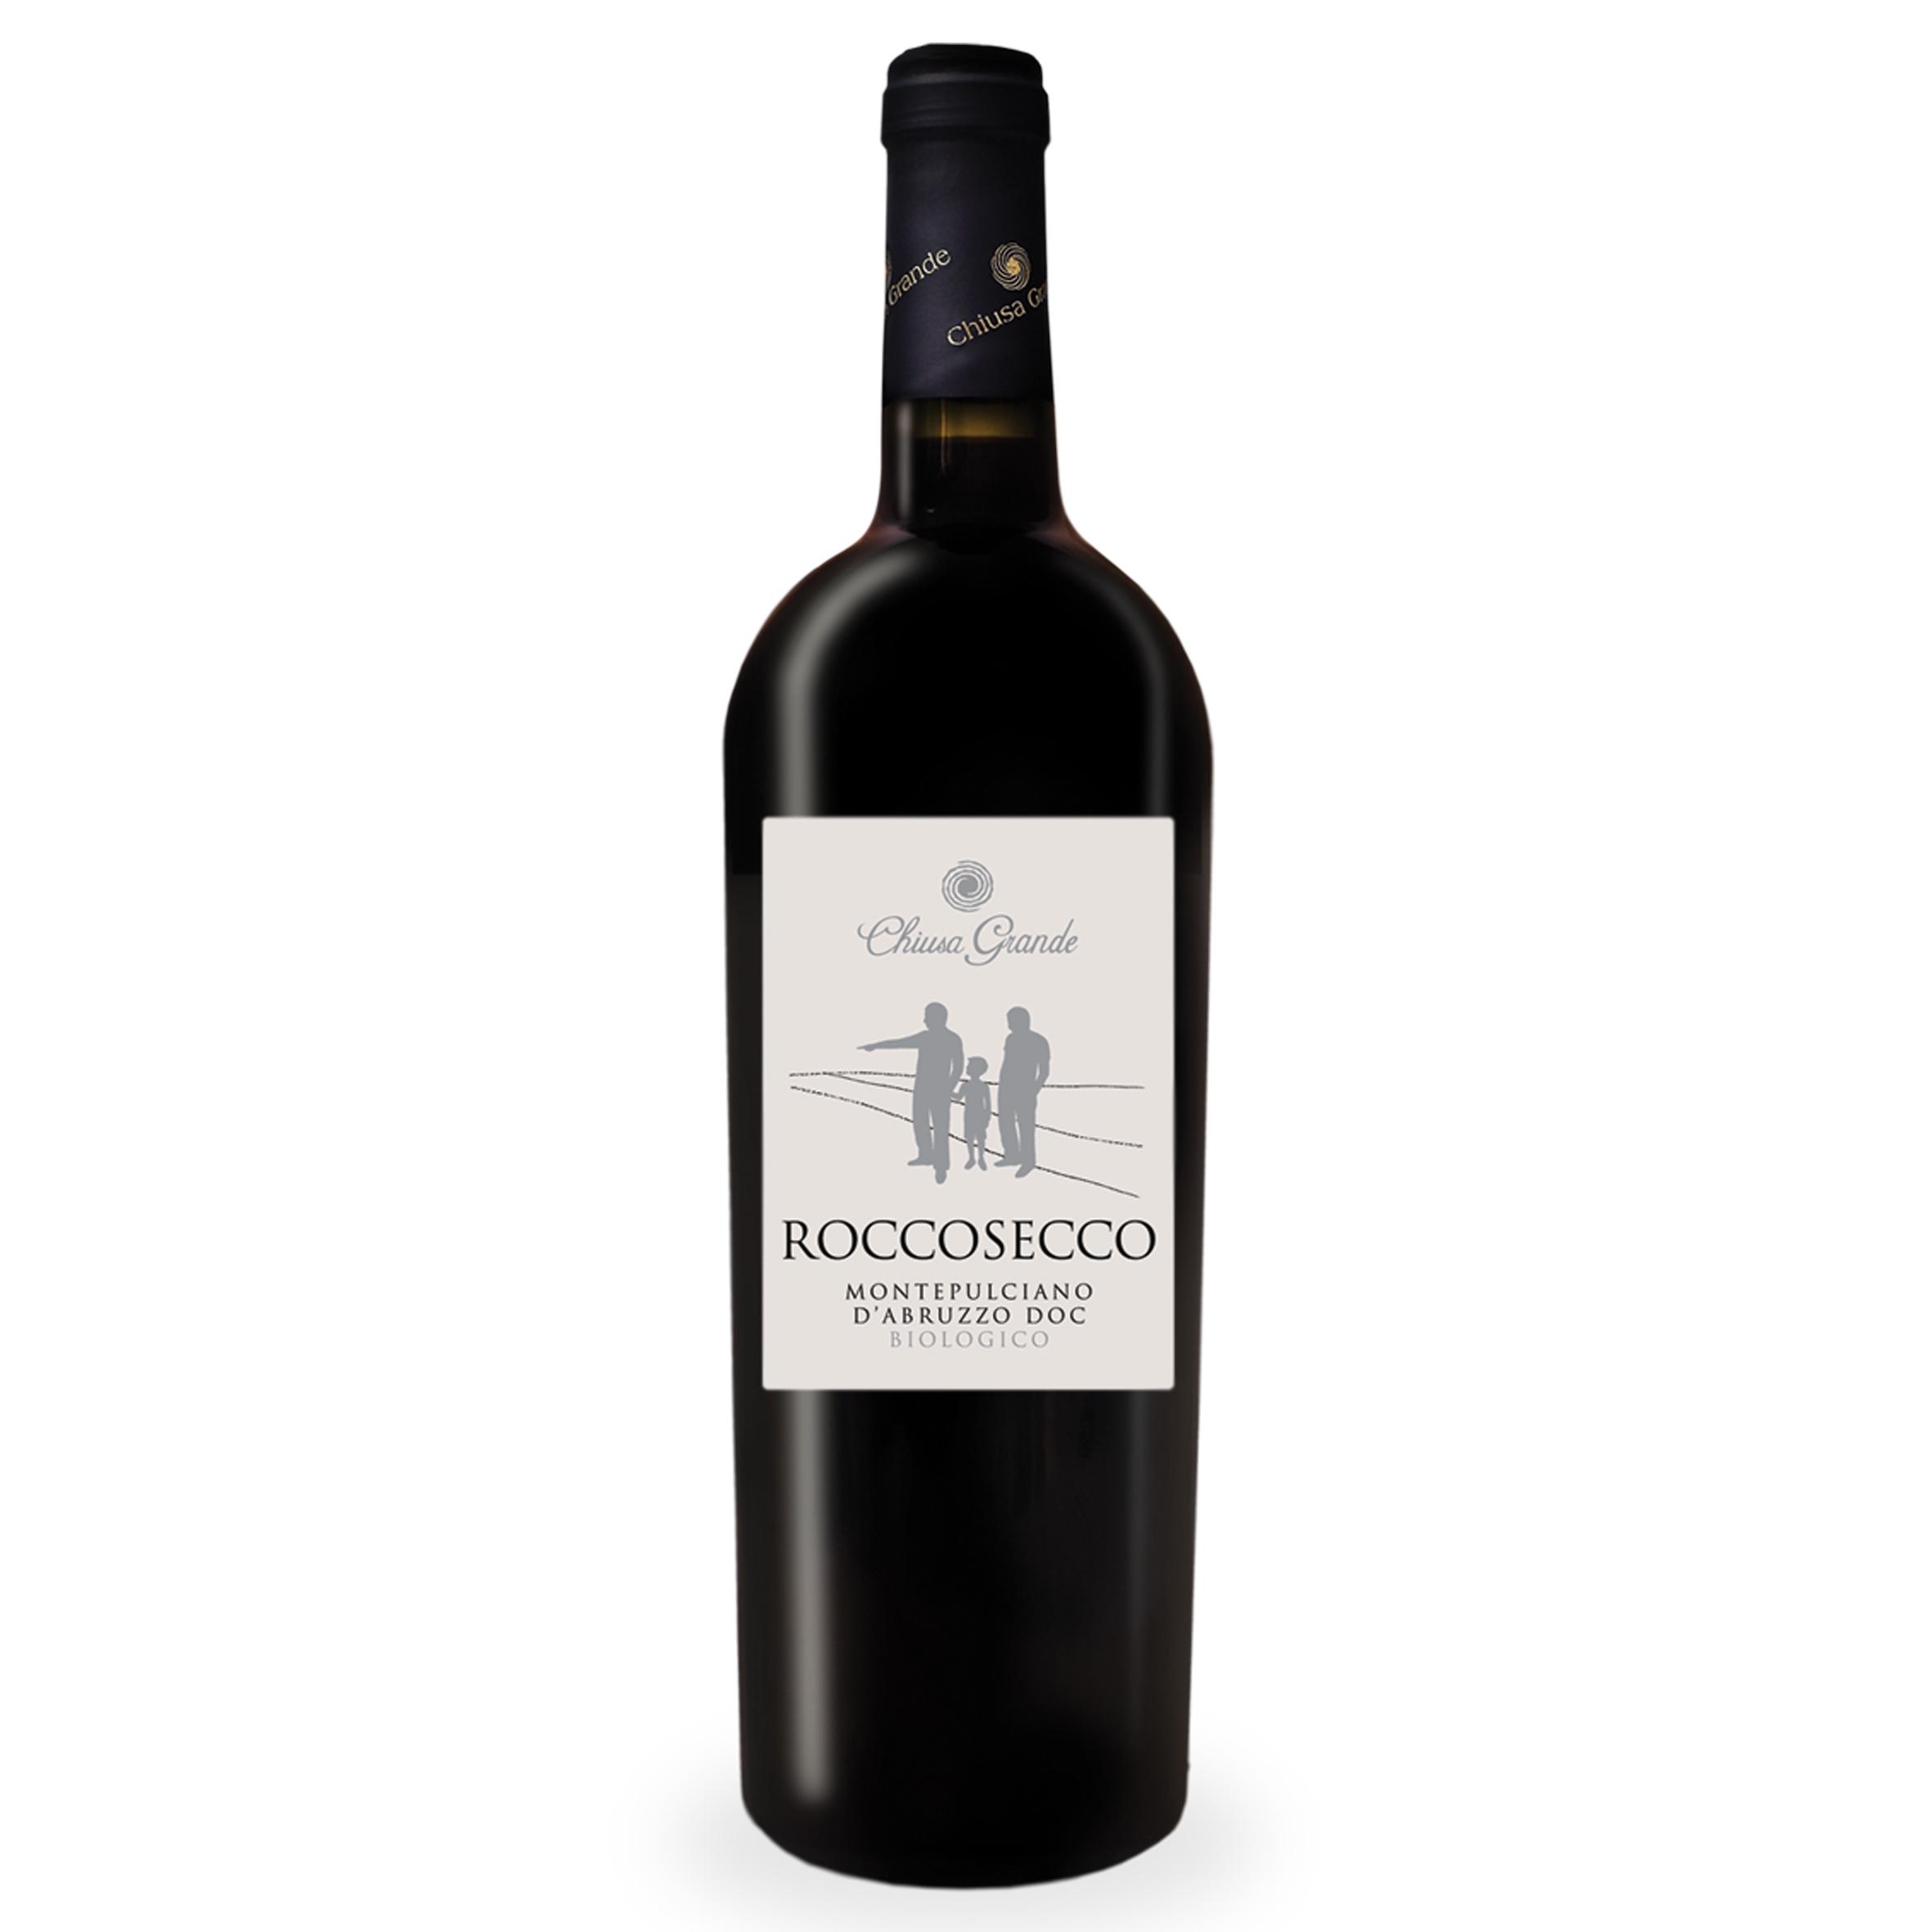 Montepulciano D\'Abruzzo Doc - Roccosecco  - Chiusa Grande - 2015 - BIO